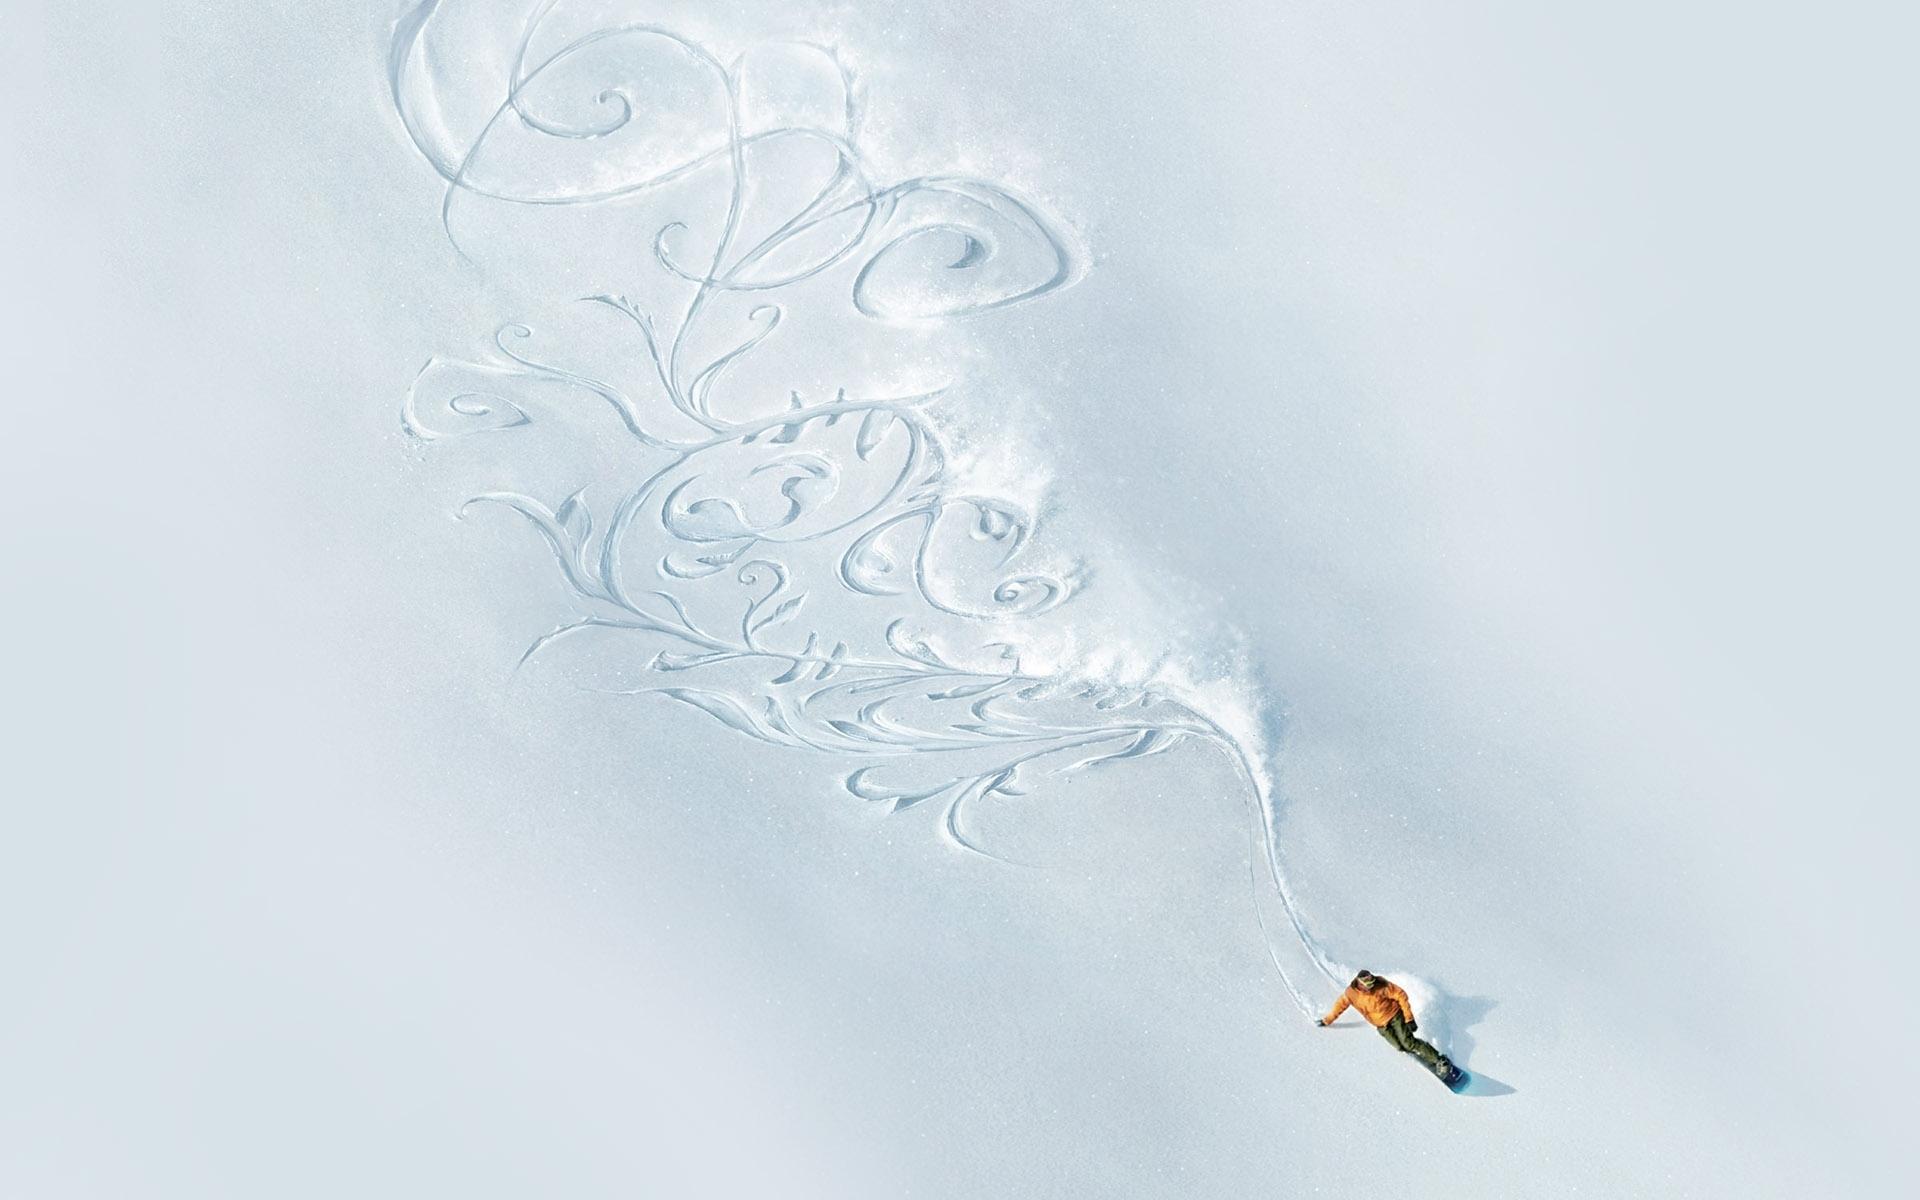 Снеговик на сноуборде  № 3290161  скачать